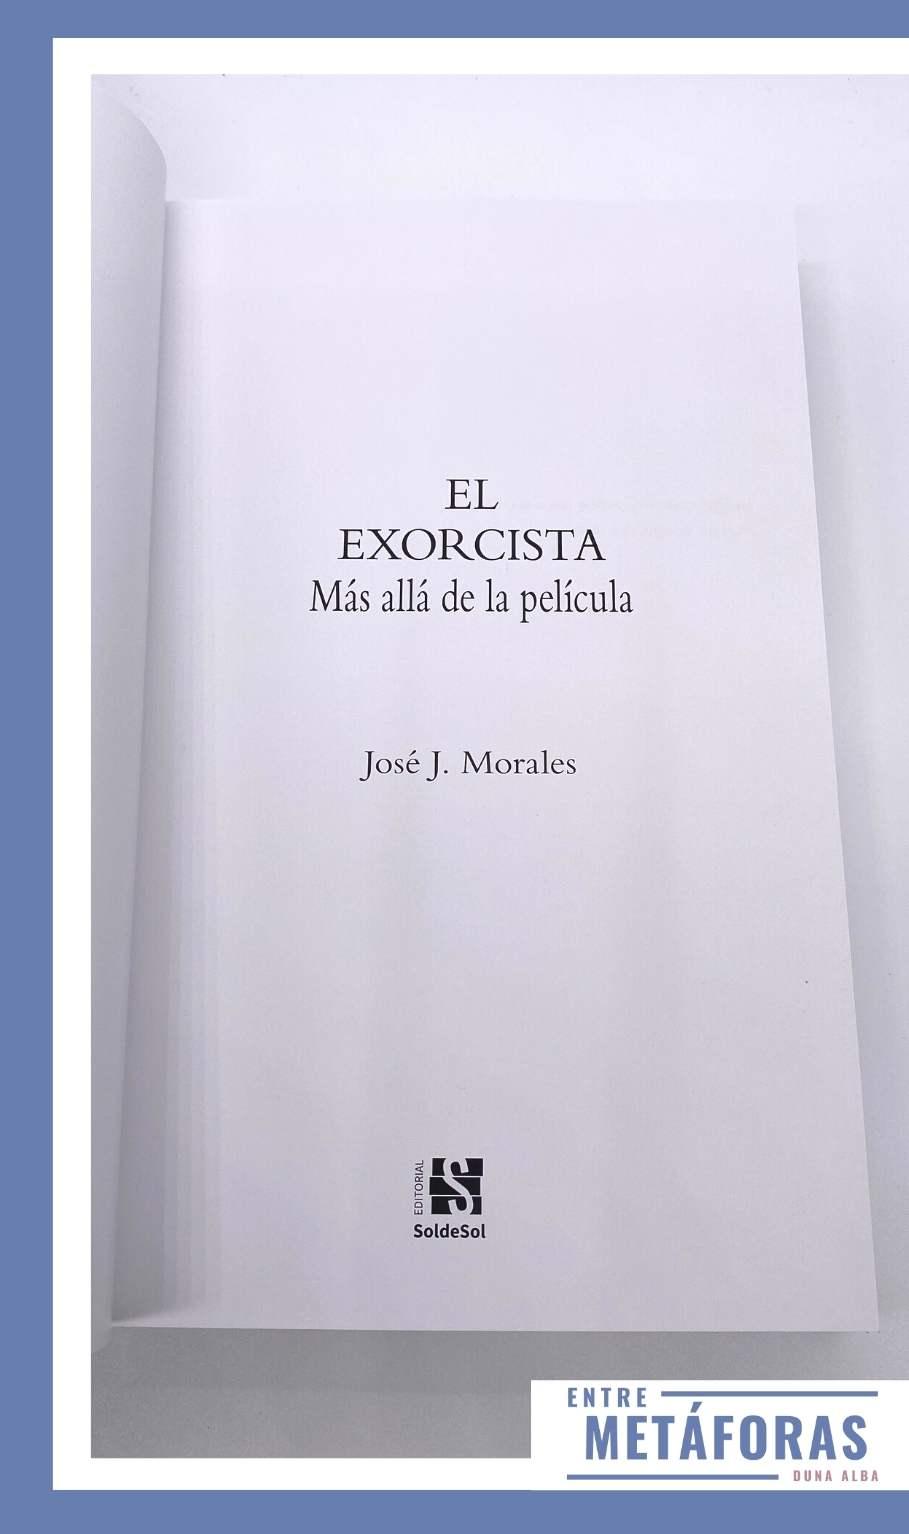 El exorcista. Más allá de la película, de José J. Morales